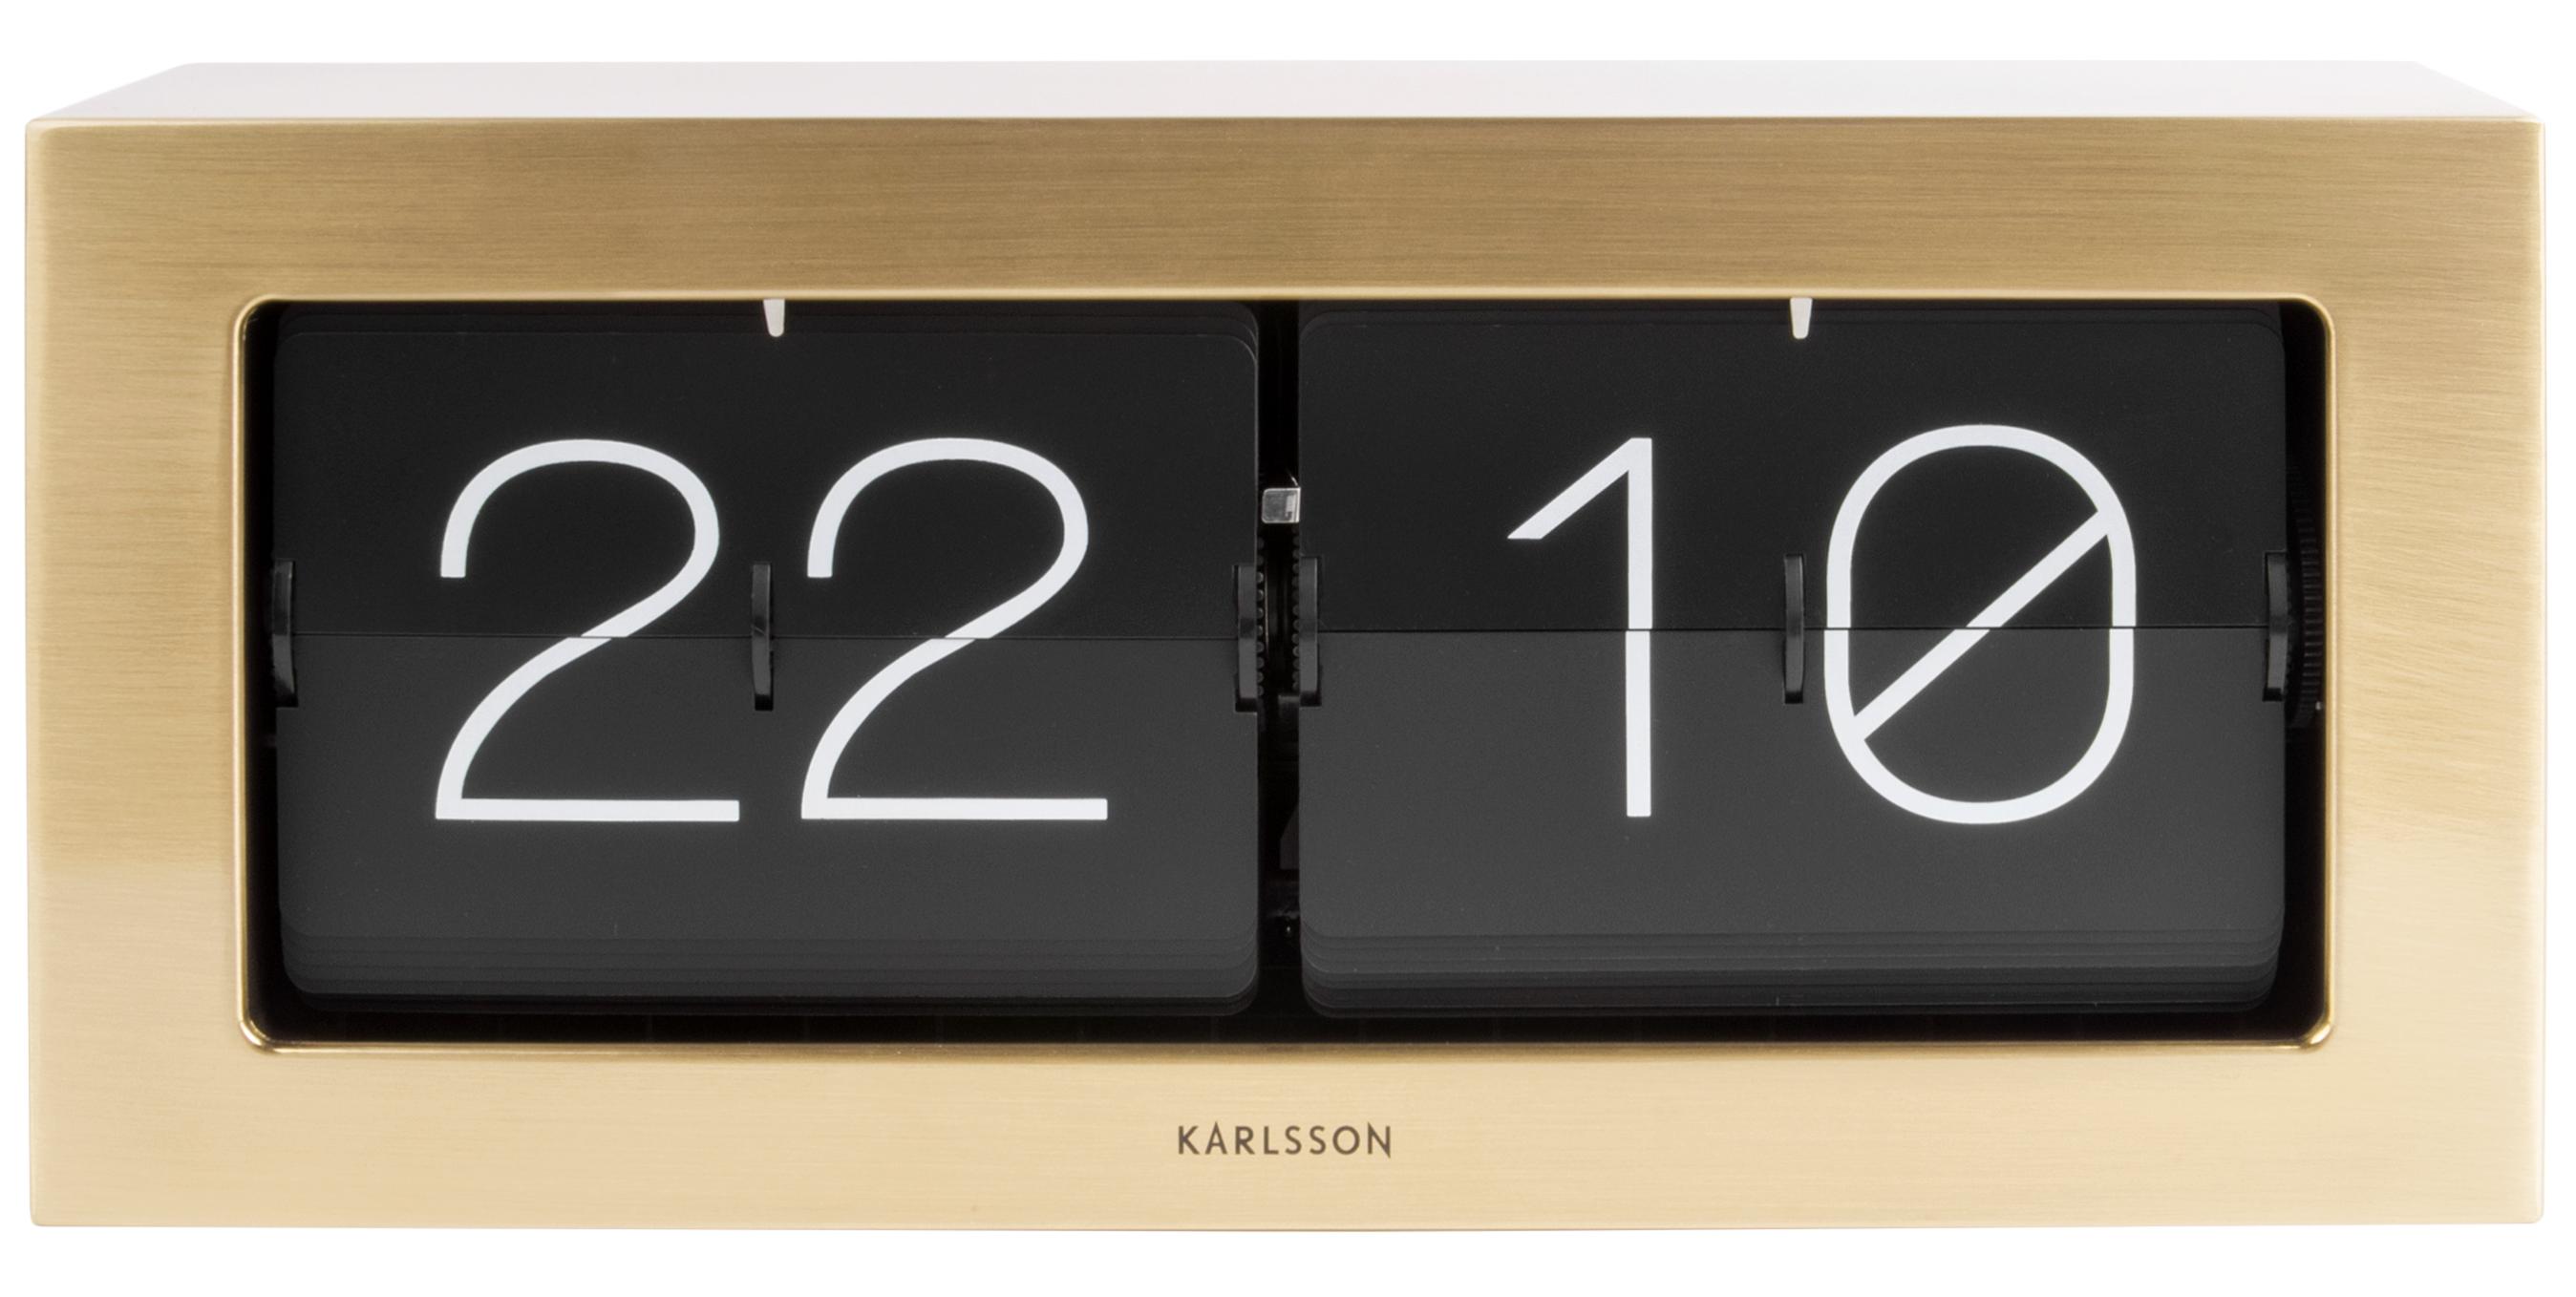 wanduhr tischuhr karlsson boxed big flip ka5642gd g nstig auf kaufen wanduhren. Black Bedroom Furniture Sets. Home Design Ideas